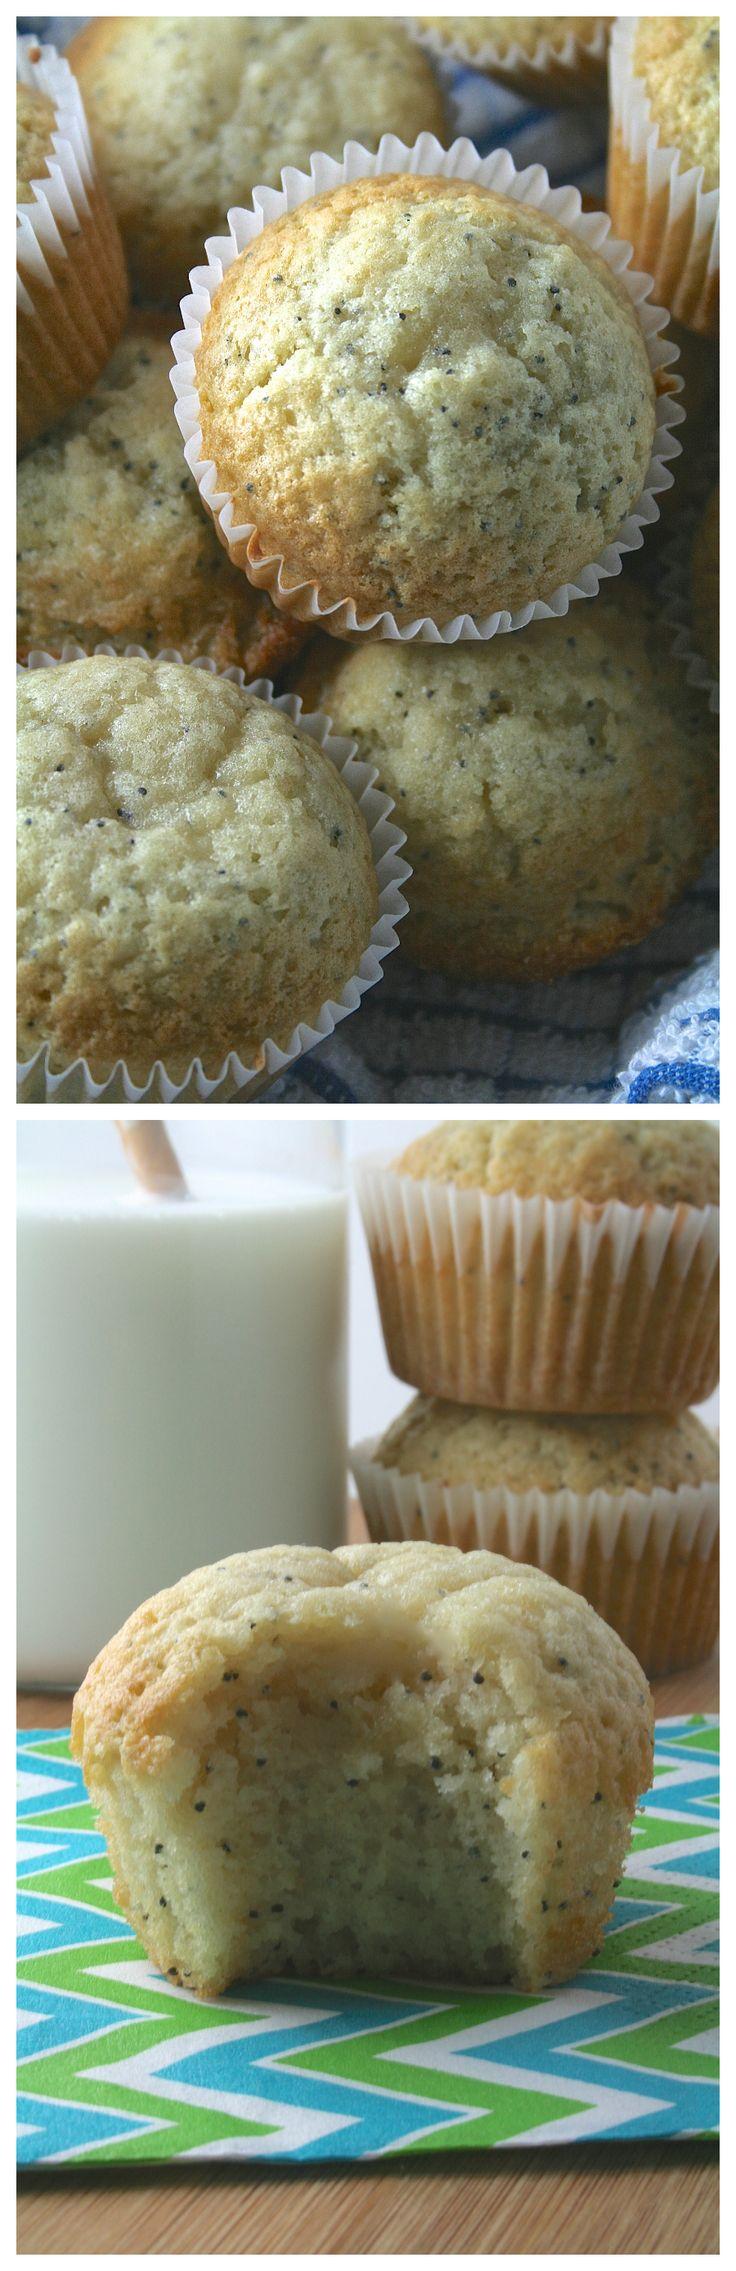 17 Best ideas about Poppyseed Muffin on Pinterest | Lemon poppyseed ...